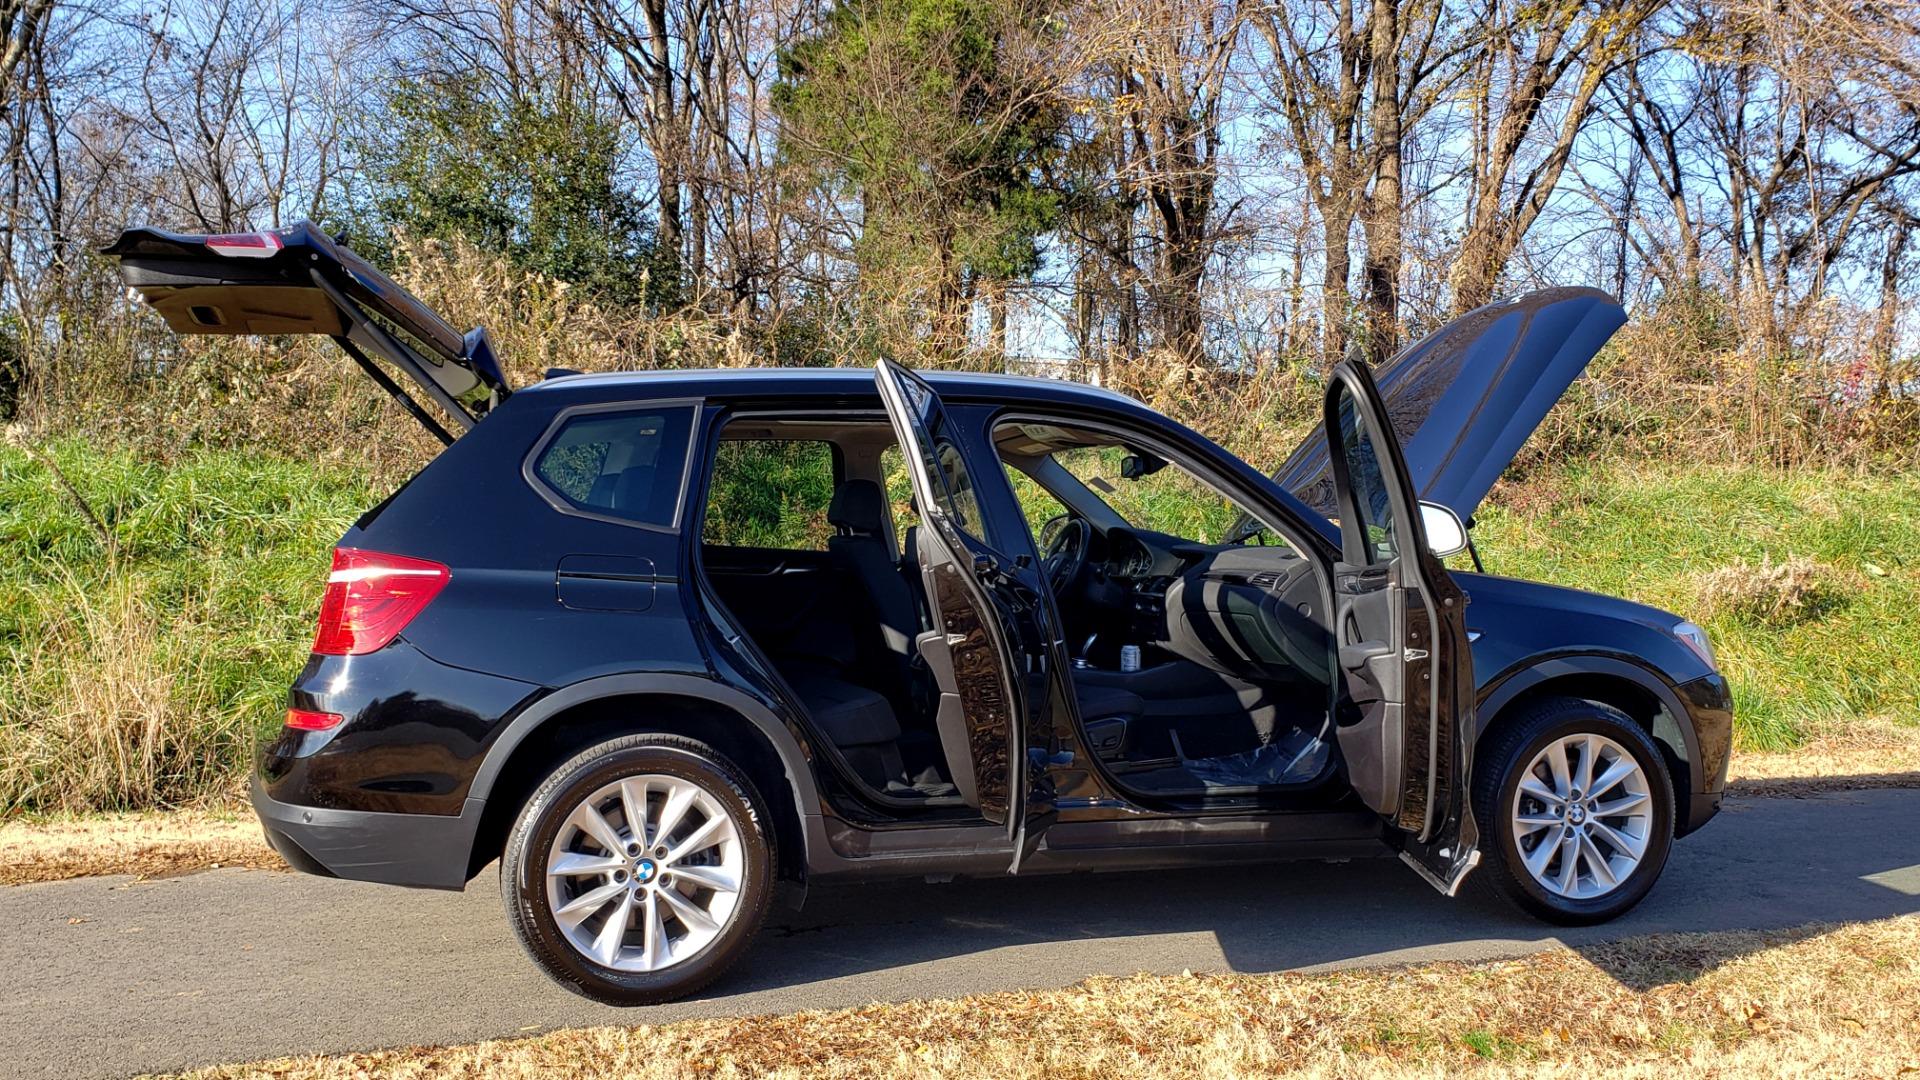 Used 2017 BMW X3 XDRIVE28I / PREM PKG / NAV / DRVR ASST / HTD STS / CAMERAS for sale Sold at Formula Imports in Charlotte NC 28227 23